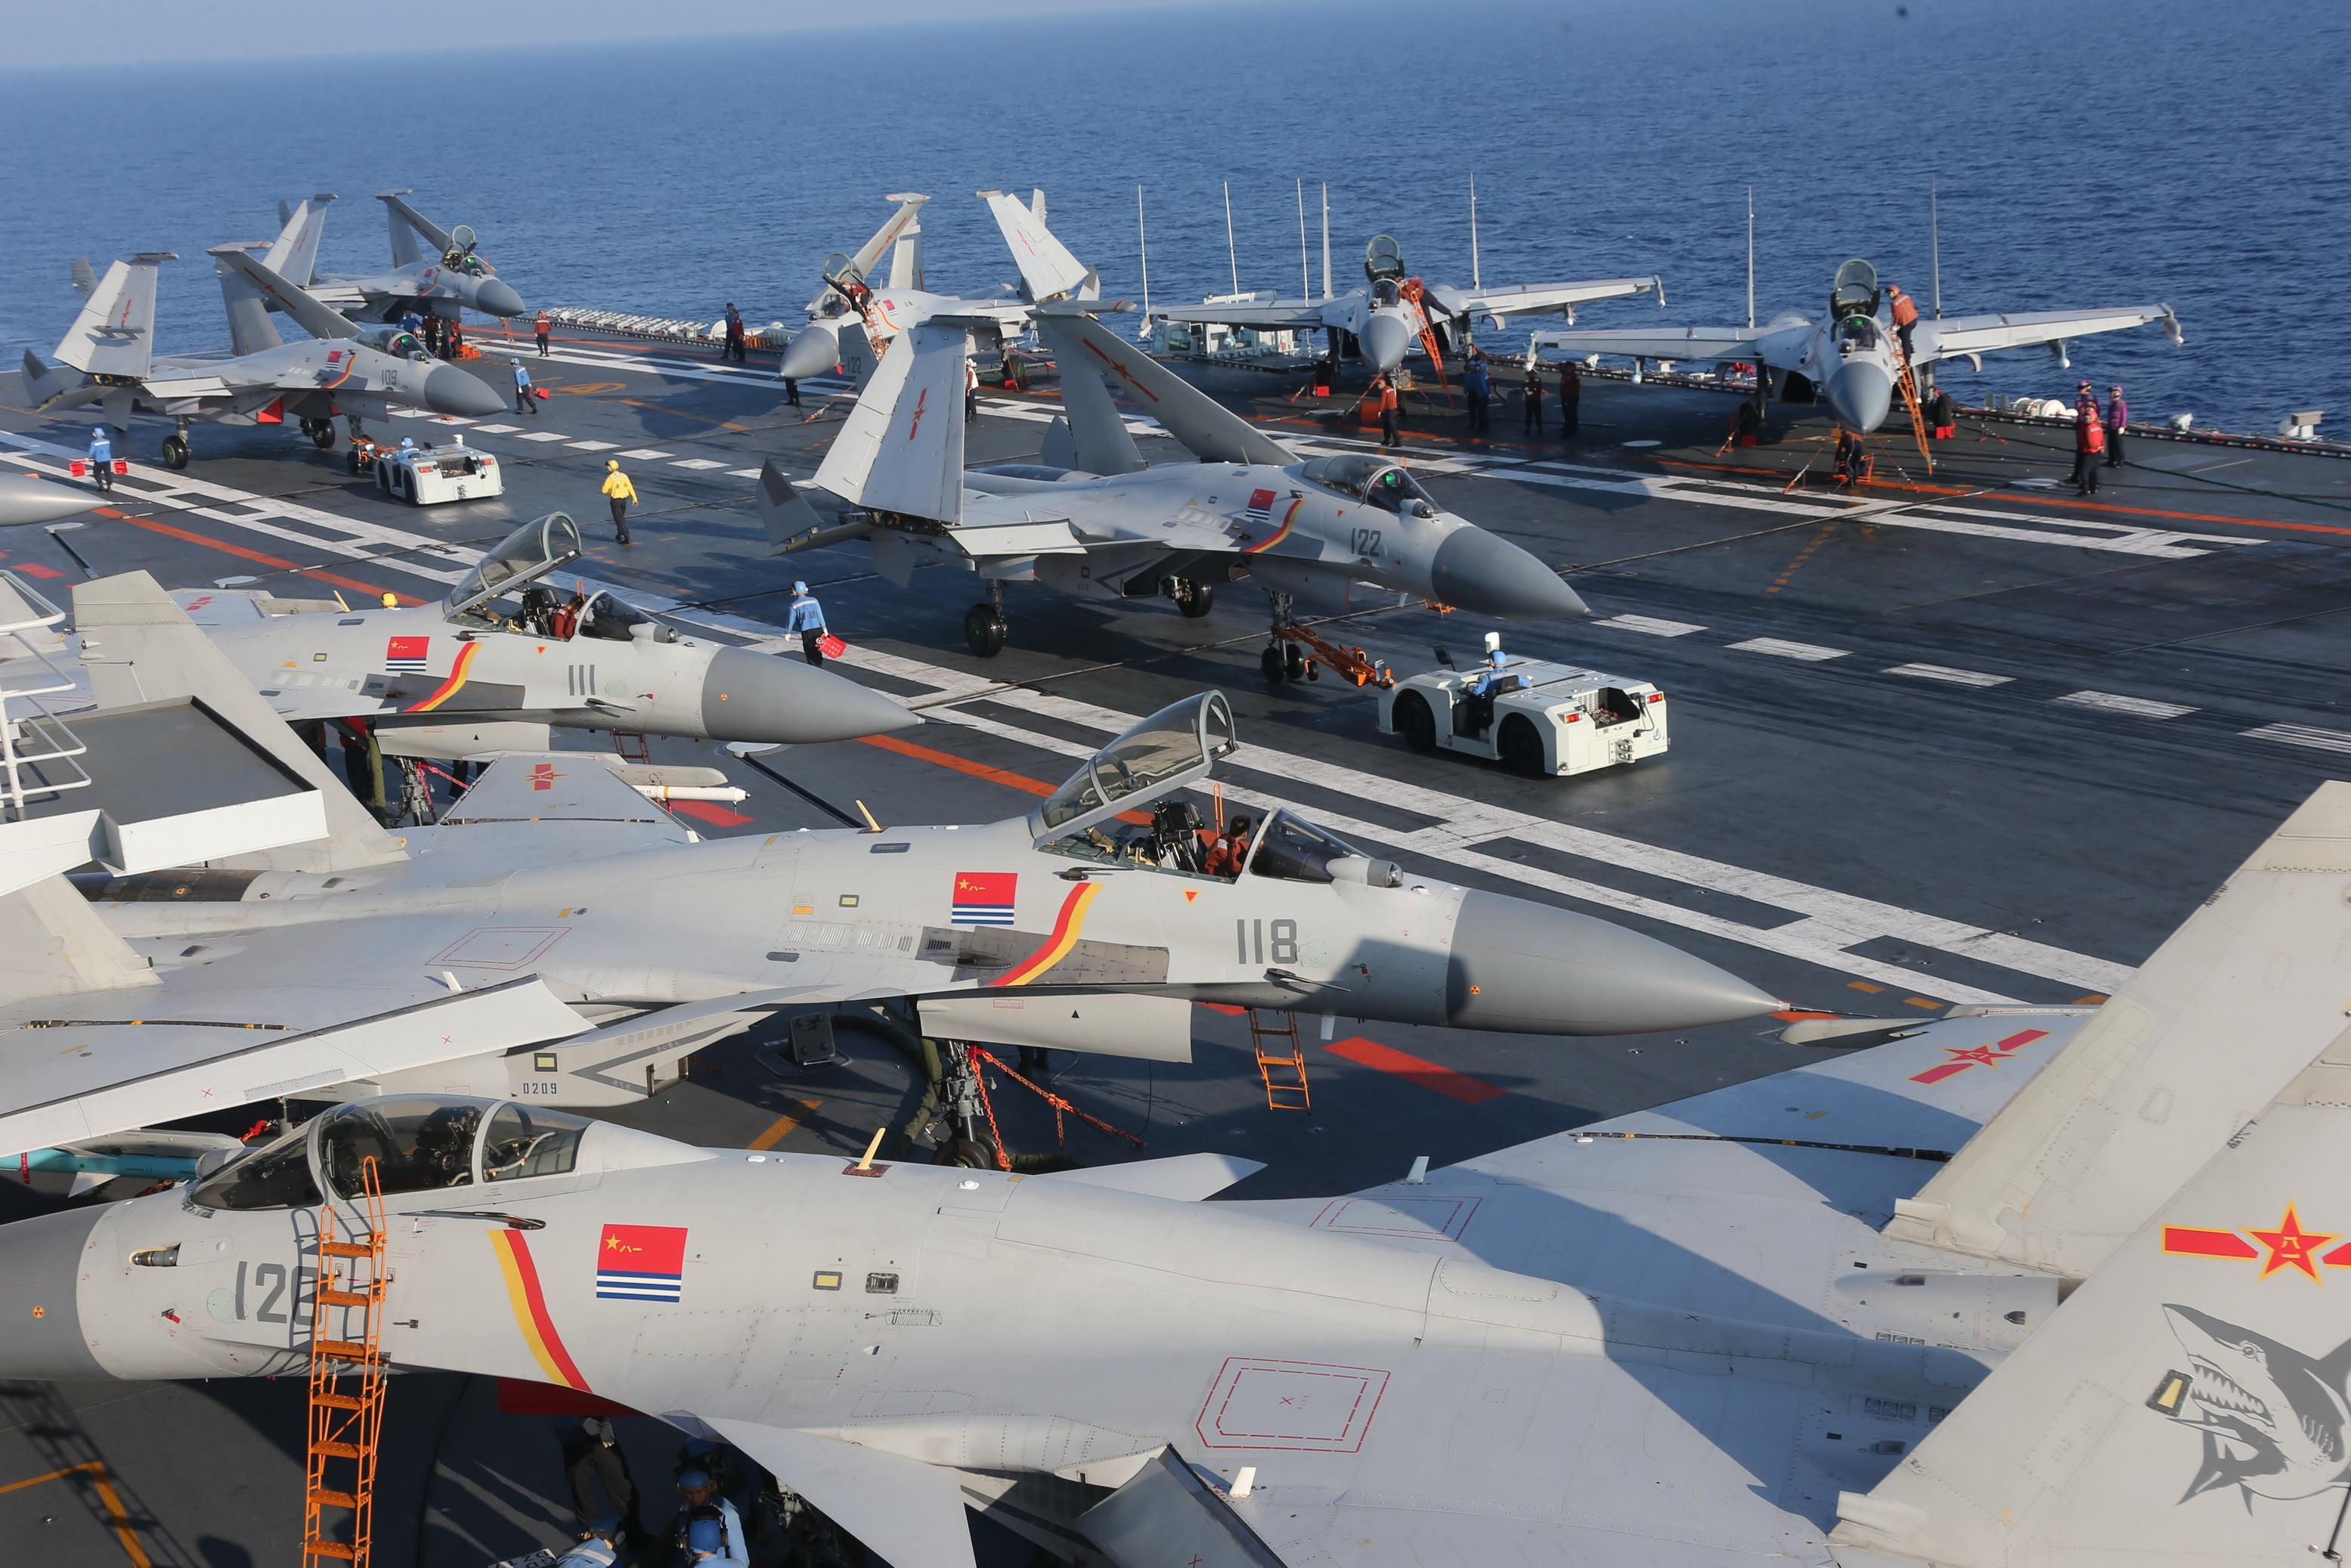 武力威胁中国要适度,否则将引发世界大战!美智库对拜登发出警告